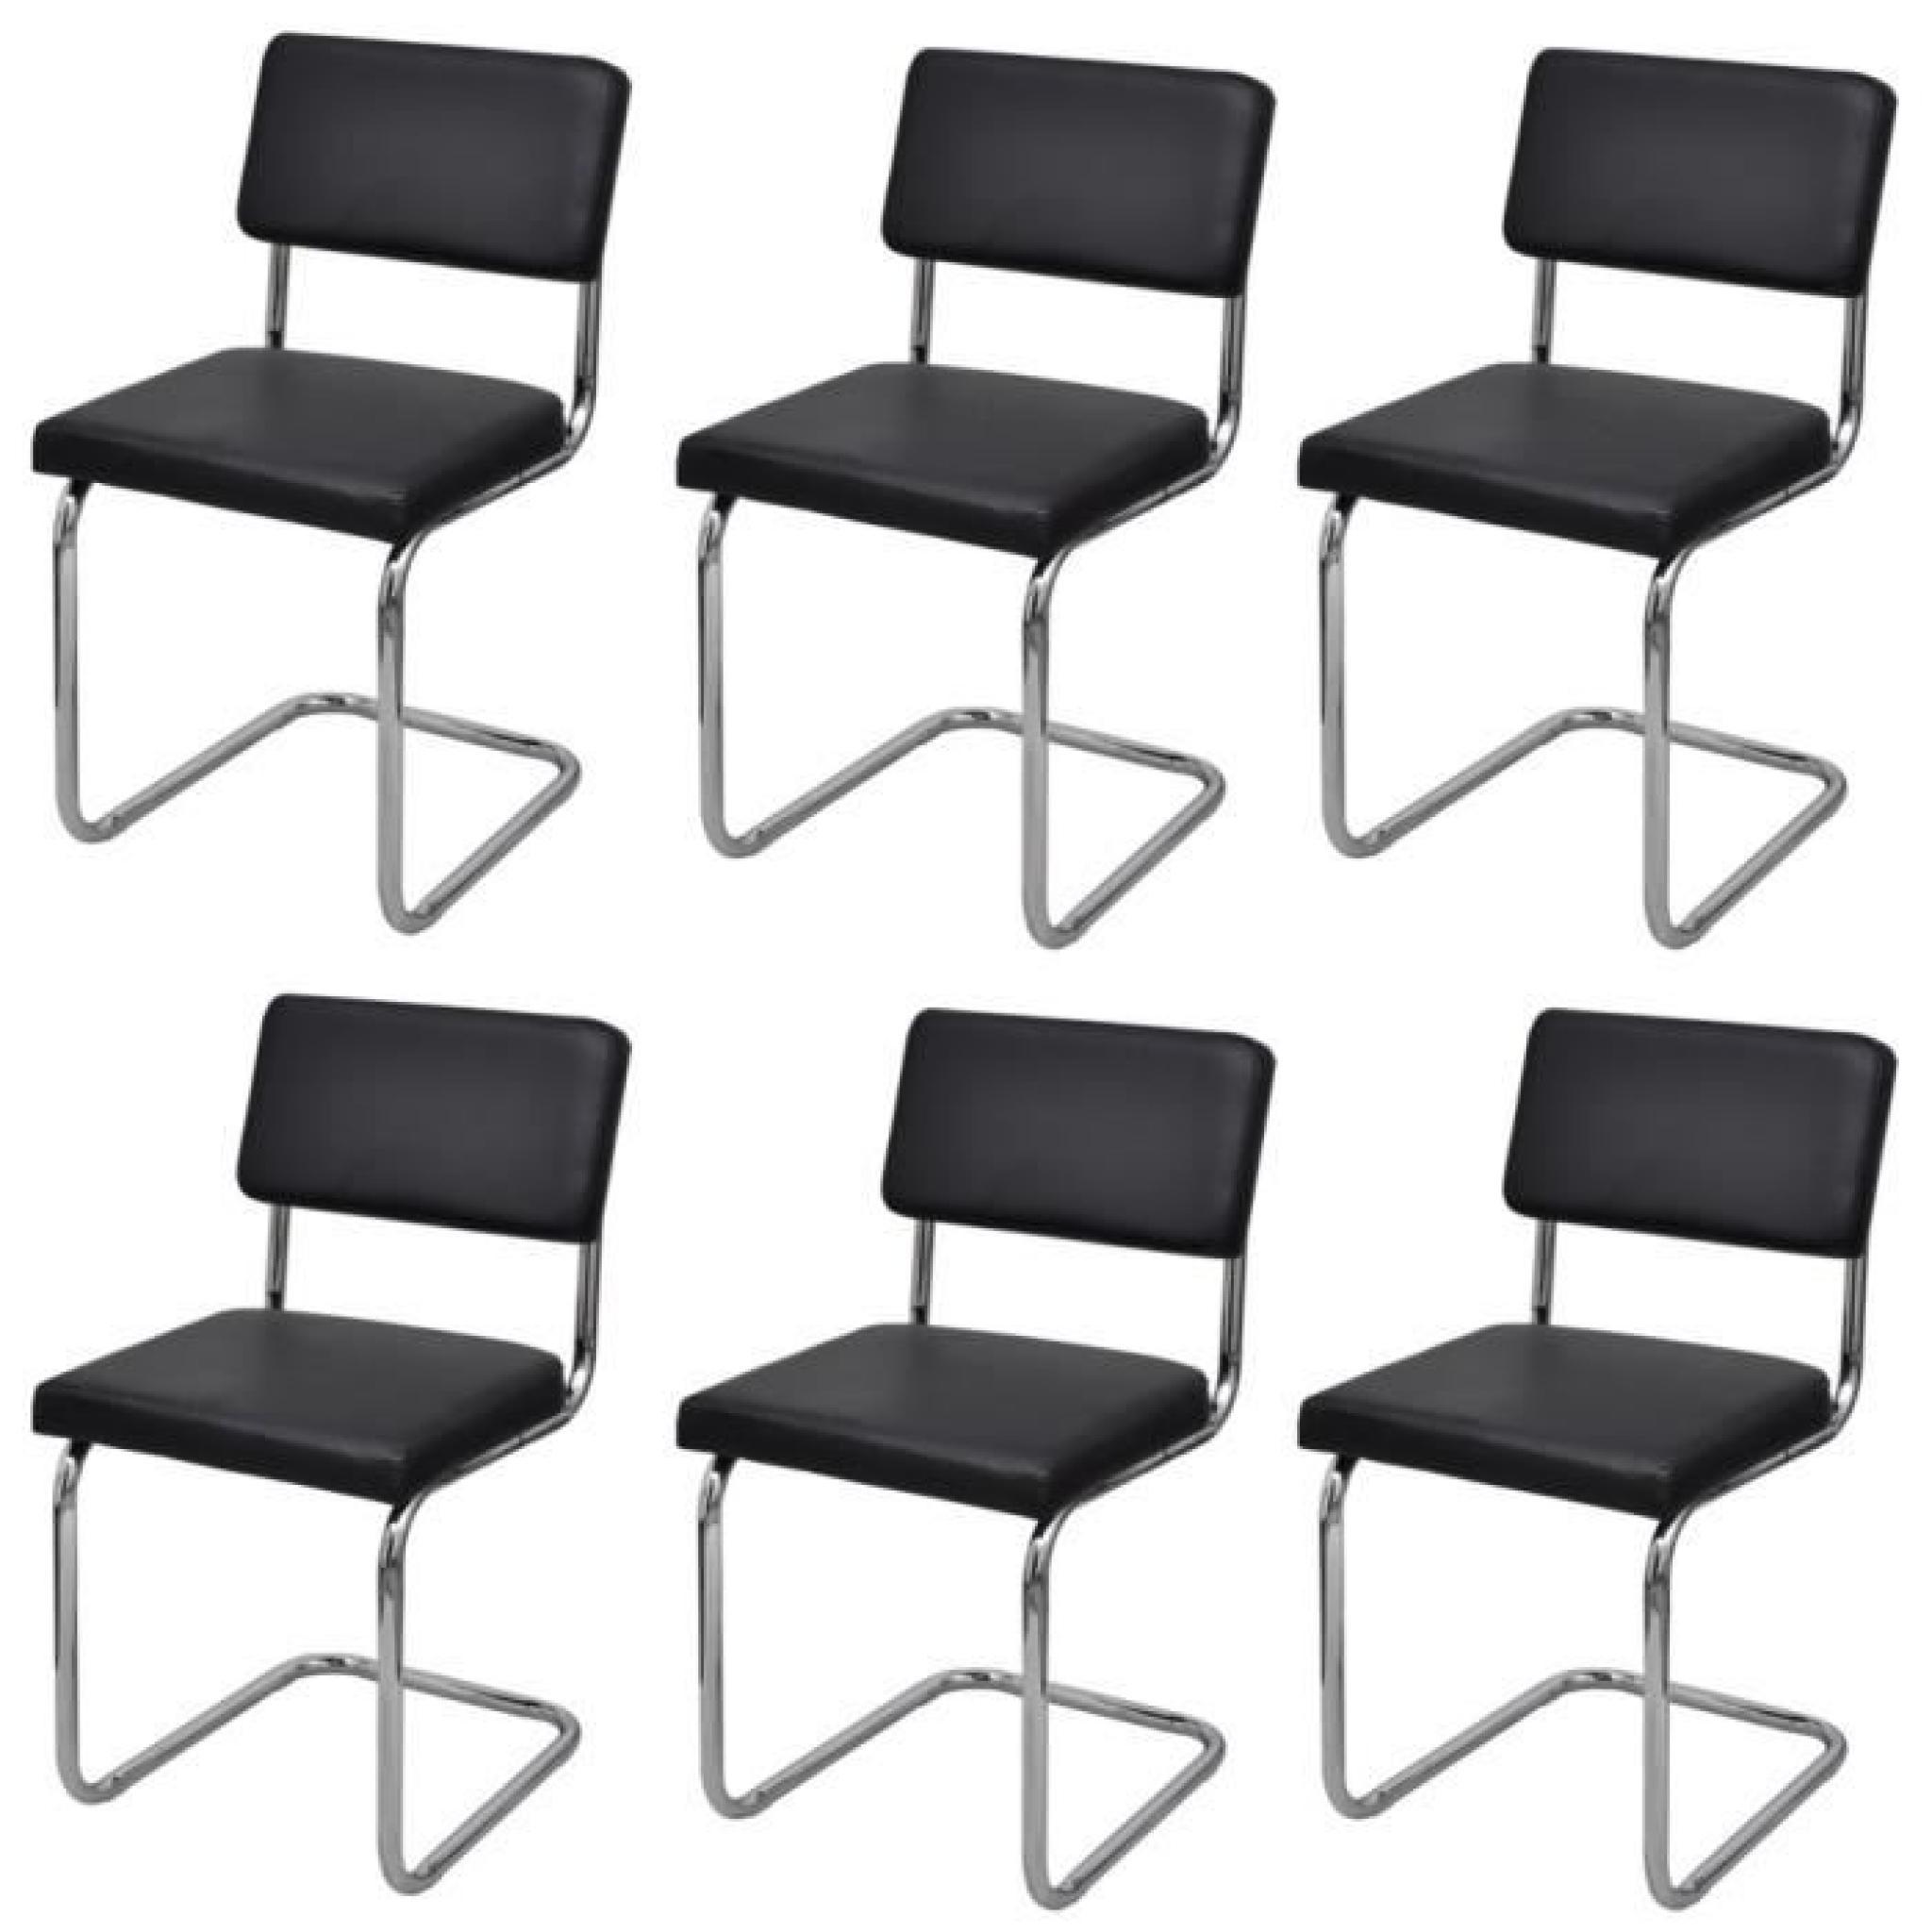 Set de 6 chaises de salon design et moderne en simili cuir - Salle a manger pas cher moderne ...